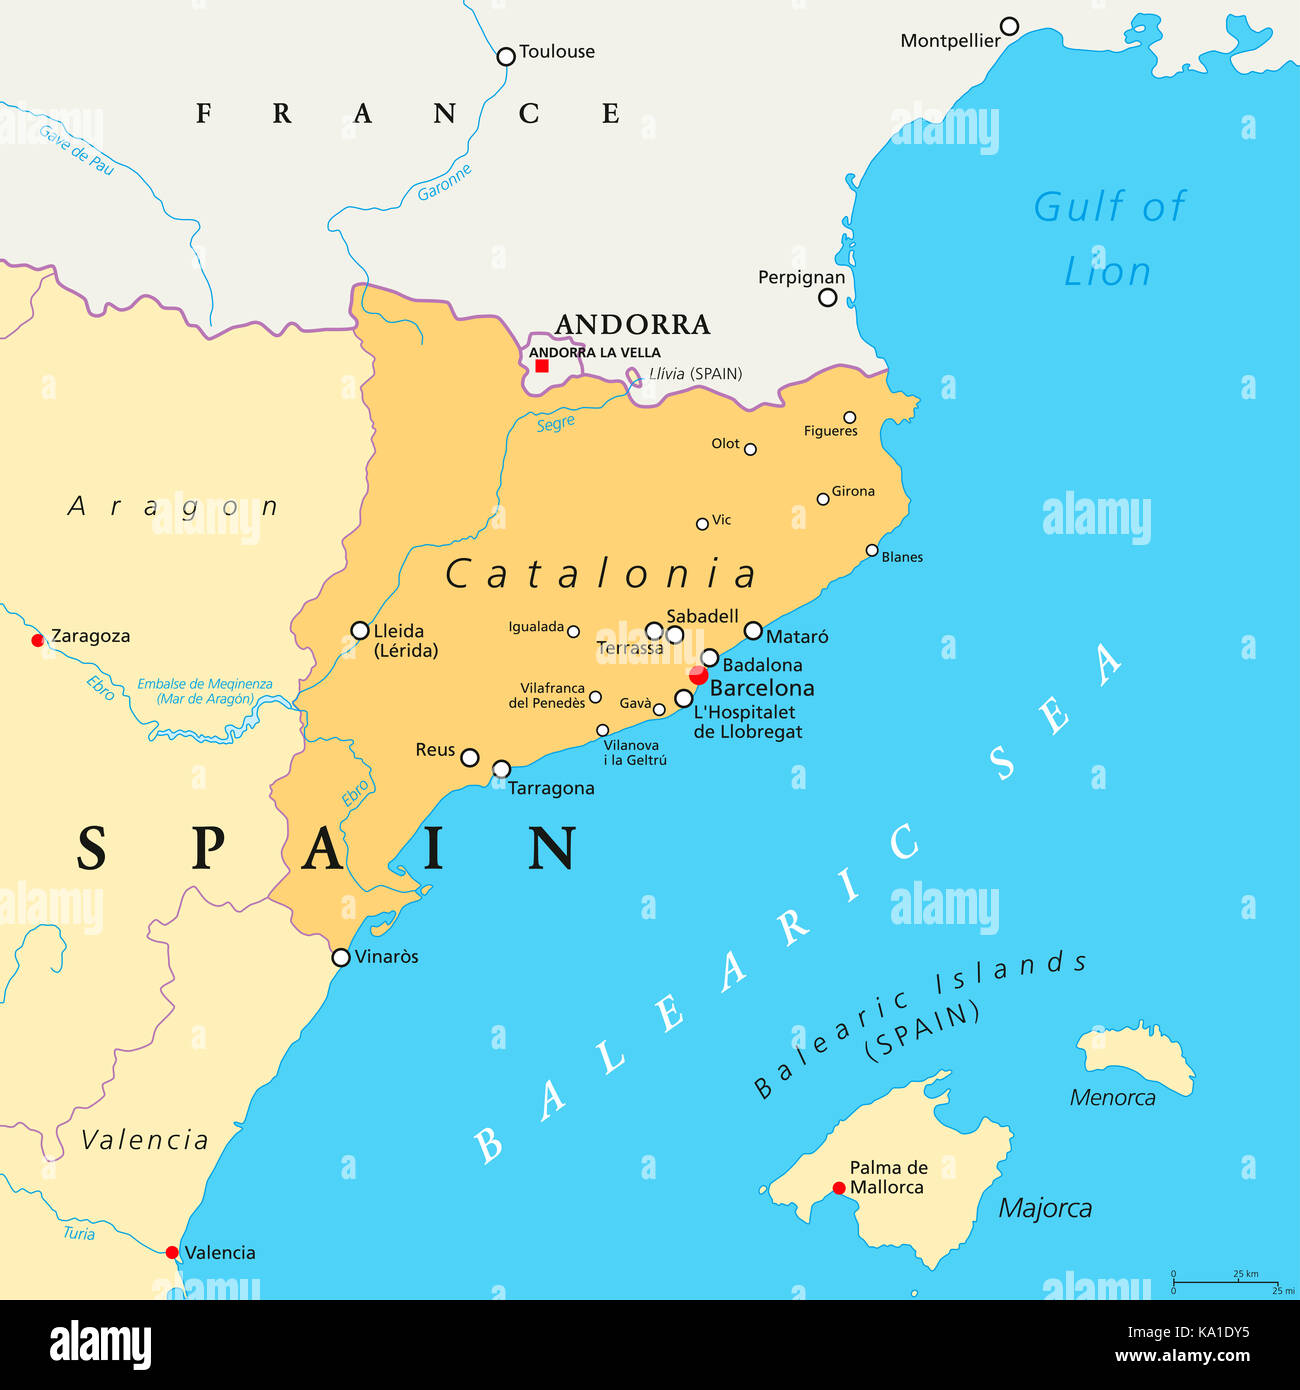 Spanien Katalonien Karte.Katalonien Politische Karte Mit Der Hauptstadt Barcelona Grenzen